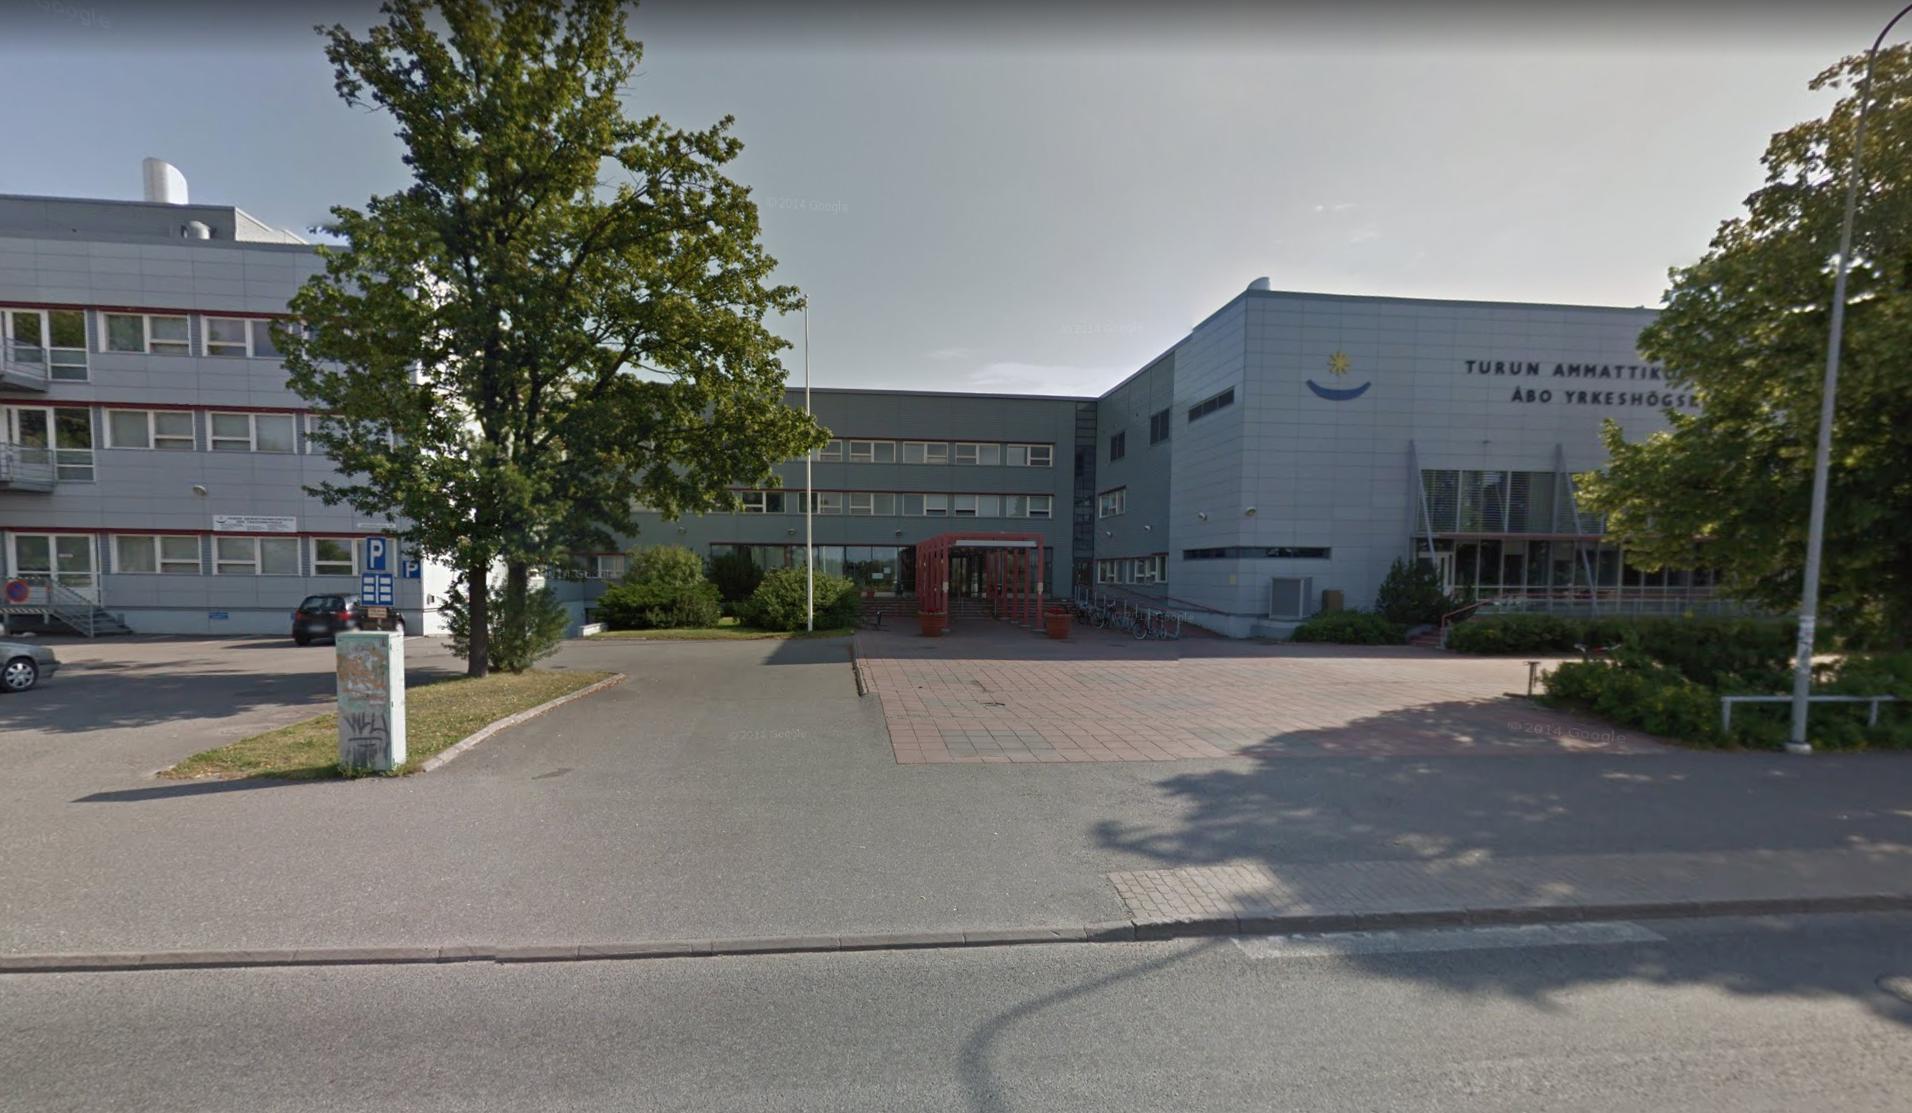 Turun ammattikorkeakoulu, Lemminkäisenkatu 30, Turku